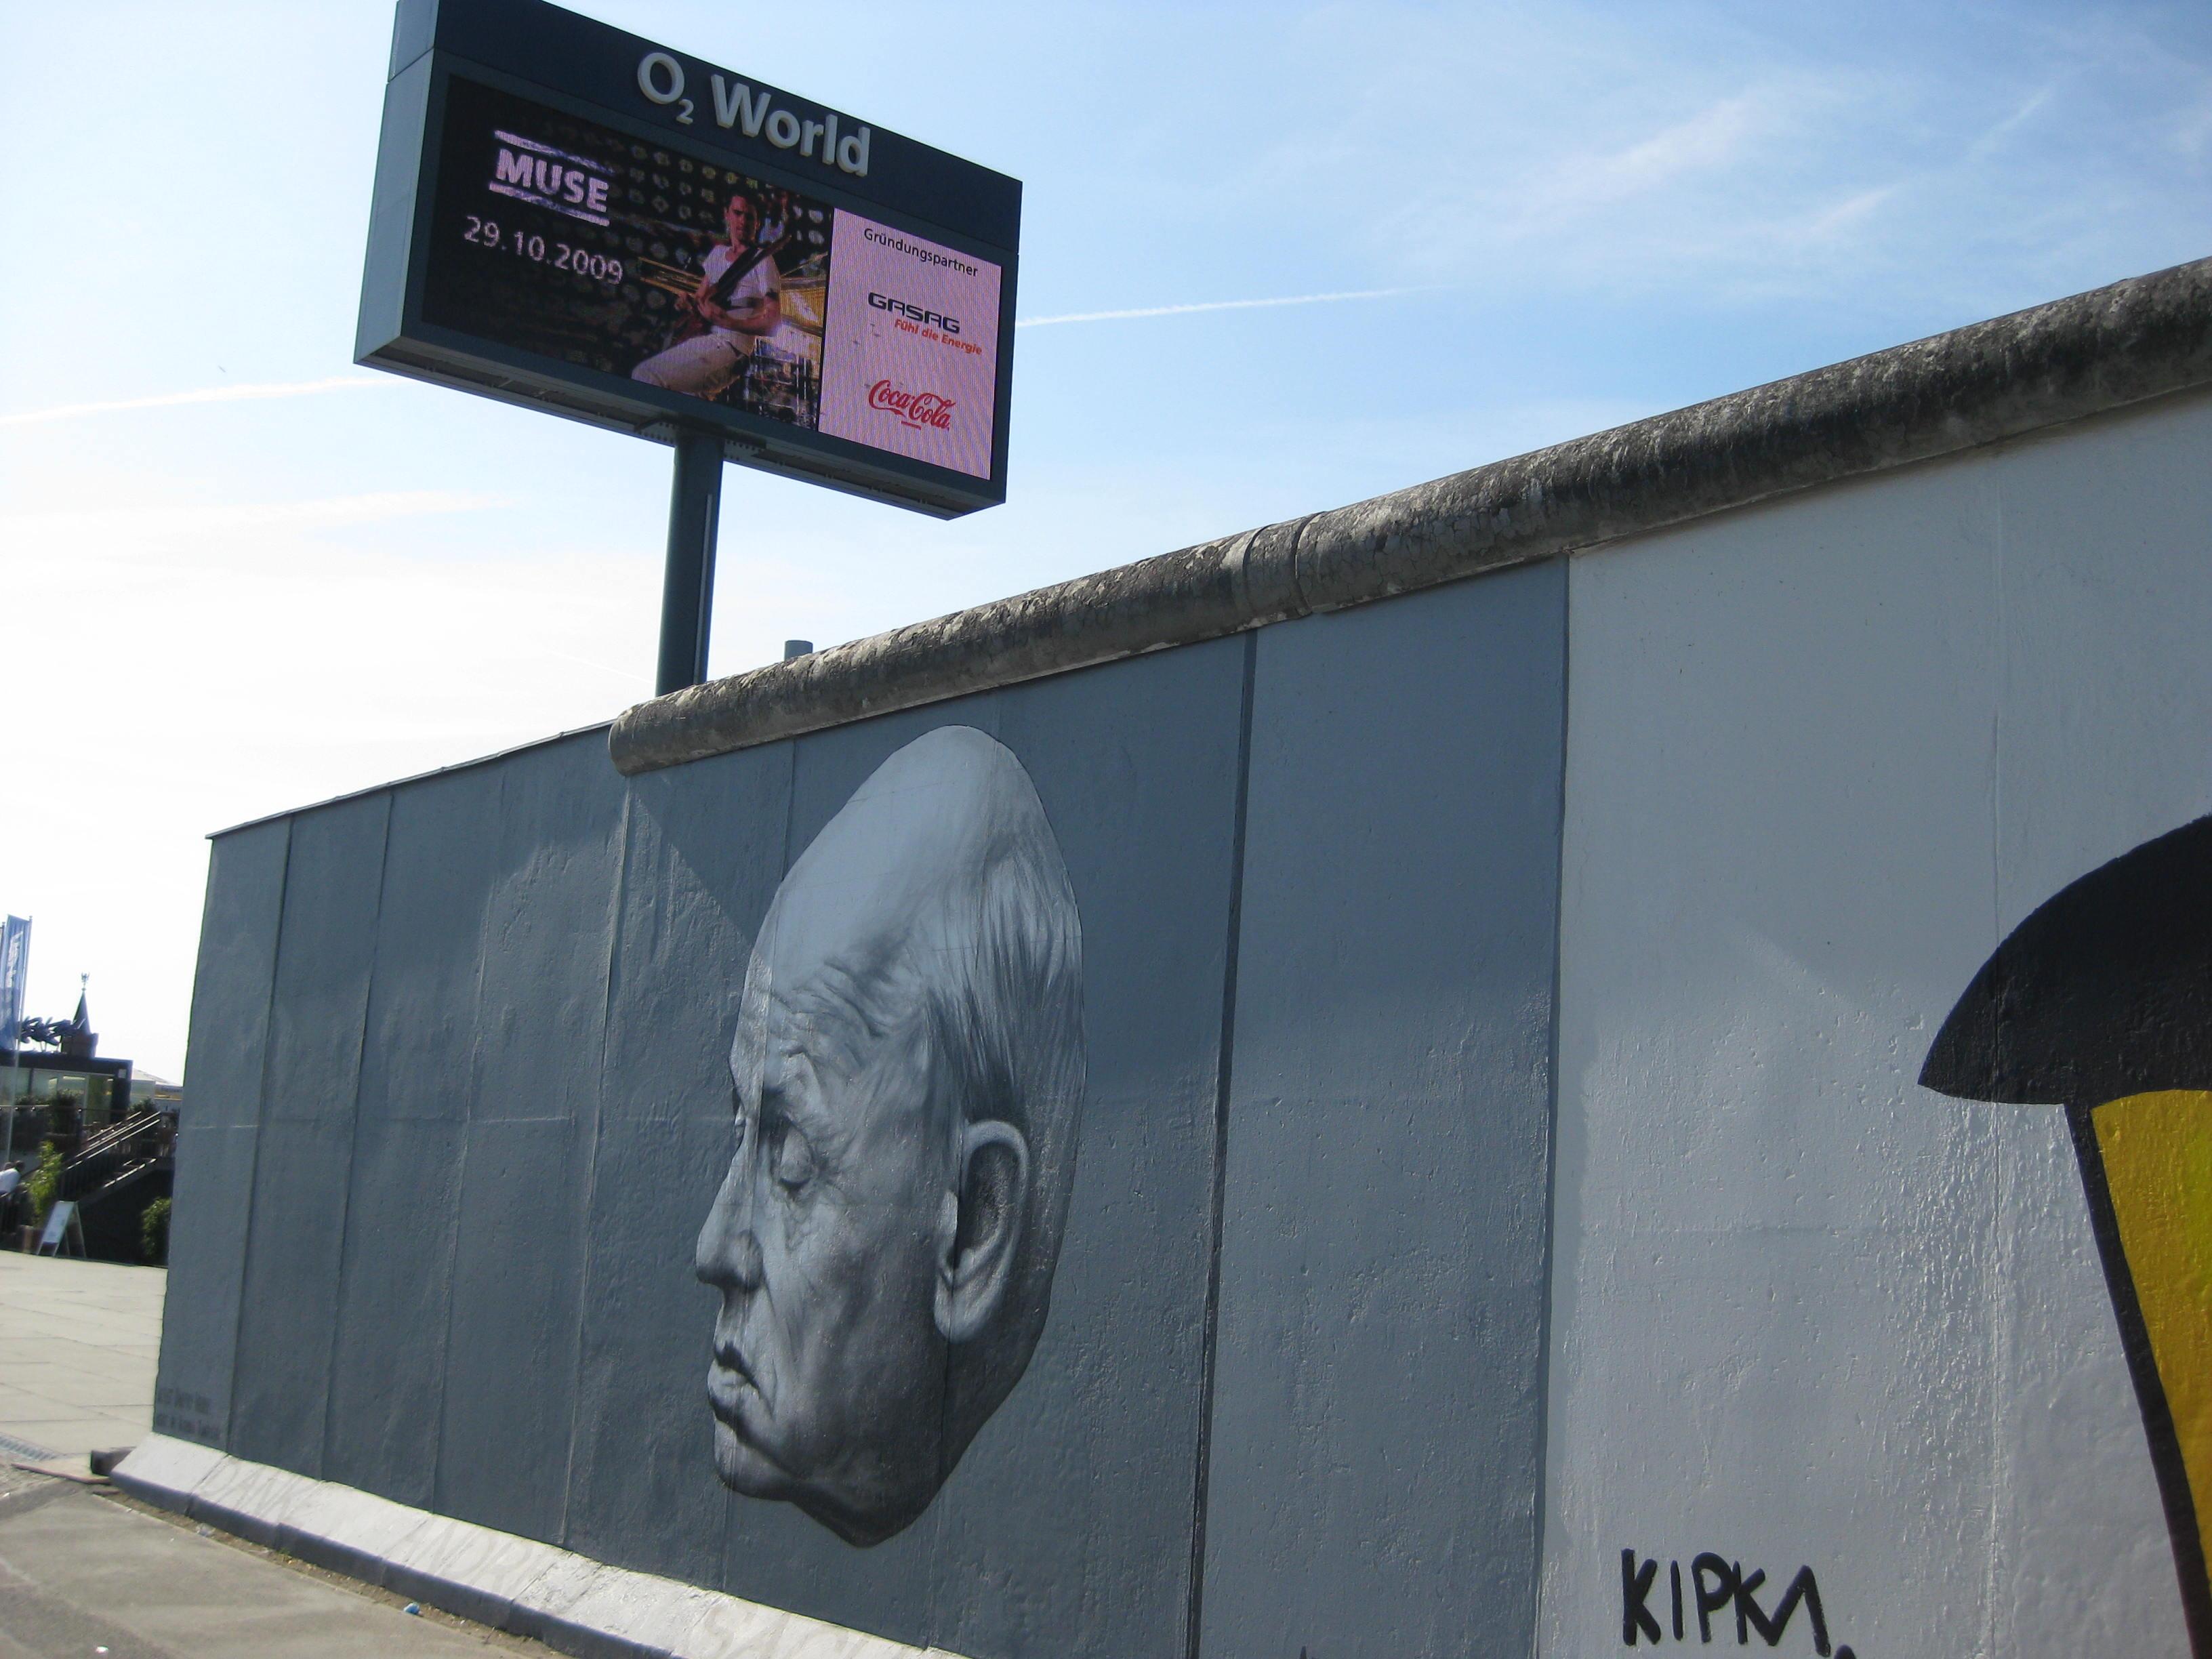 Mauer Berlin 2009